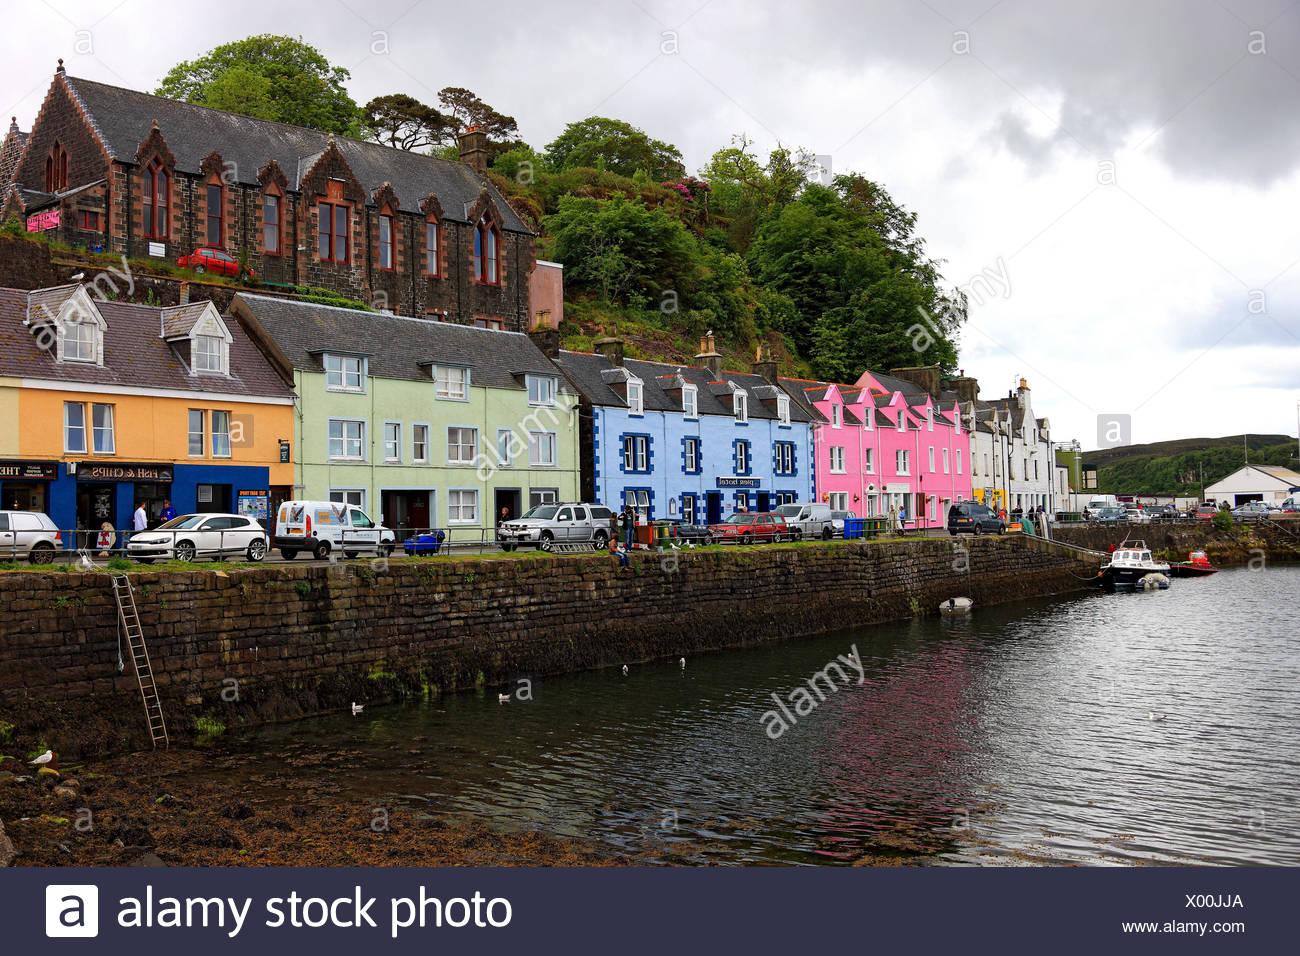 Schottland, die Inneren Hebriden, Isle of Skye, Stadt Portree, bunte ...